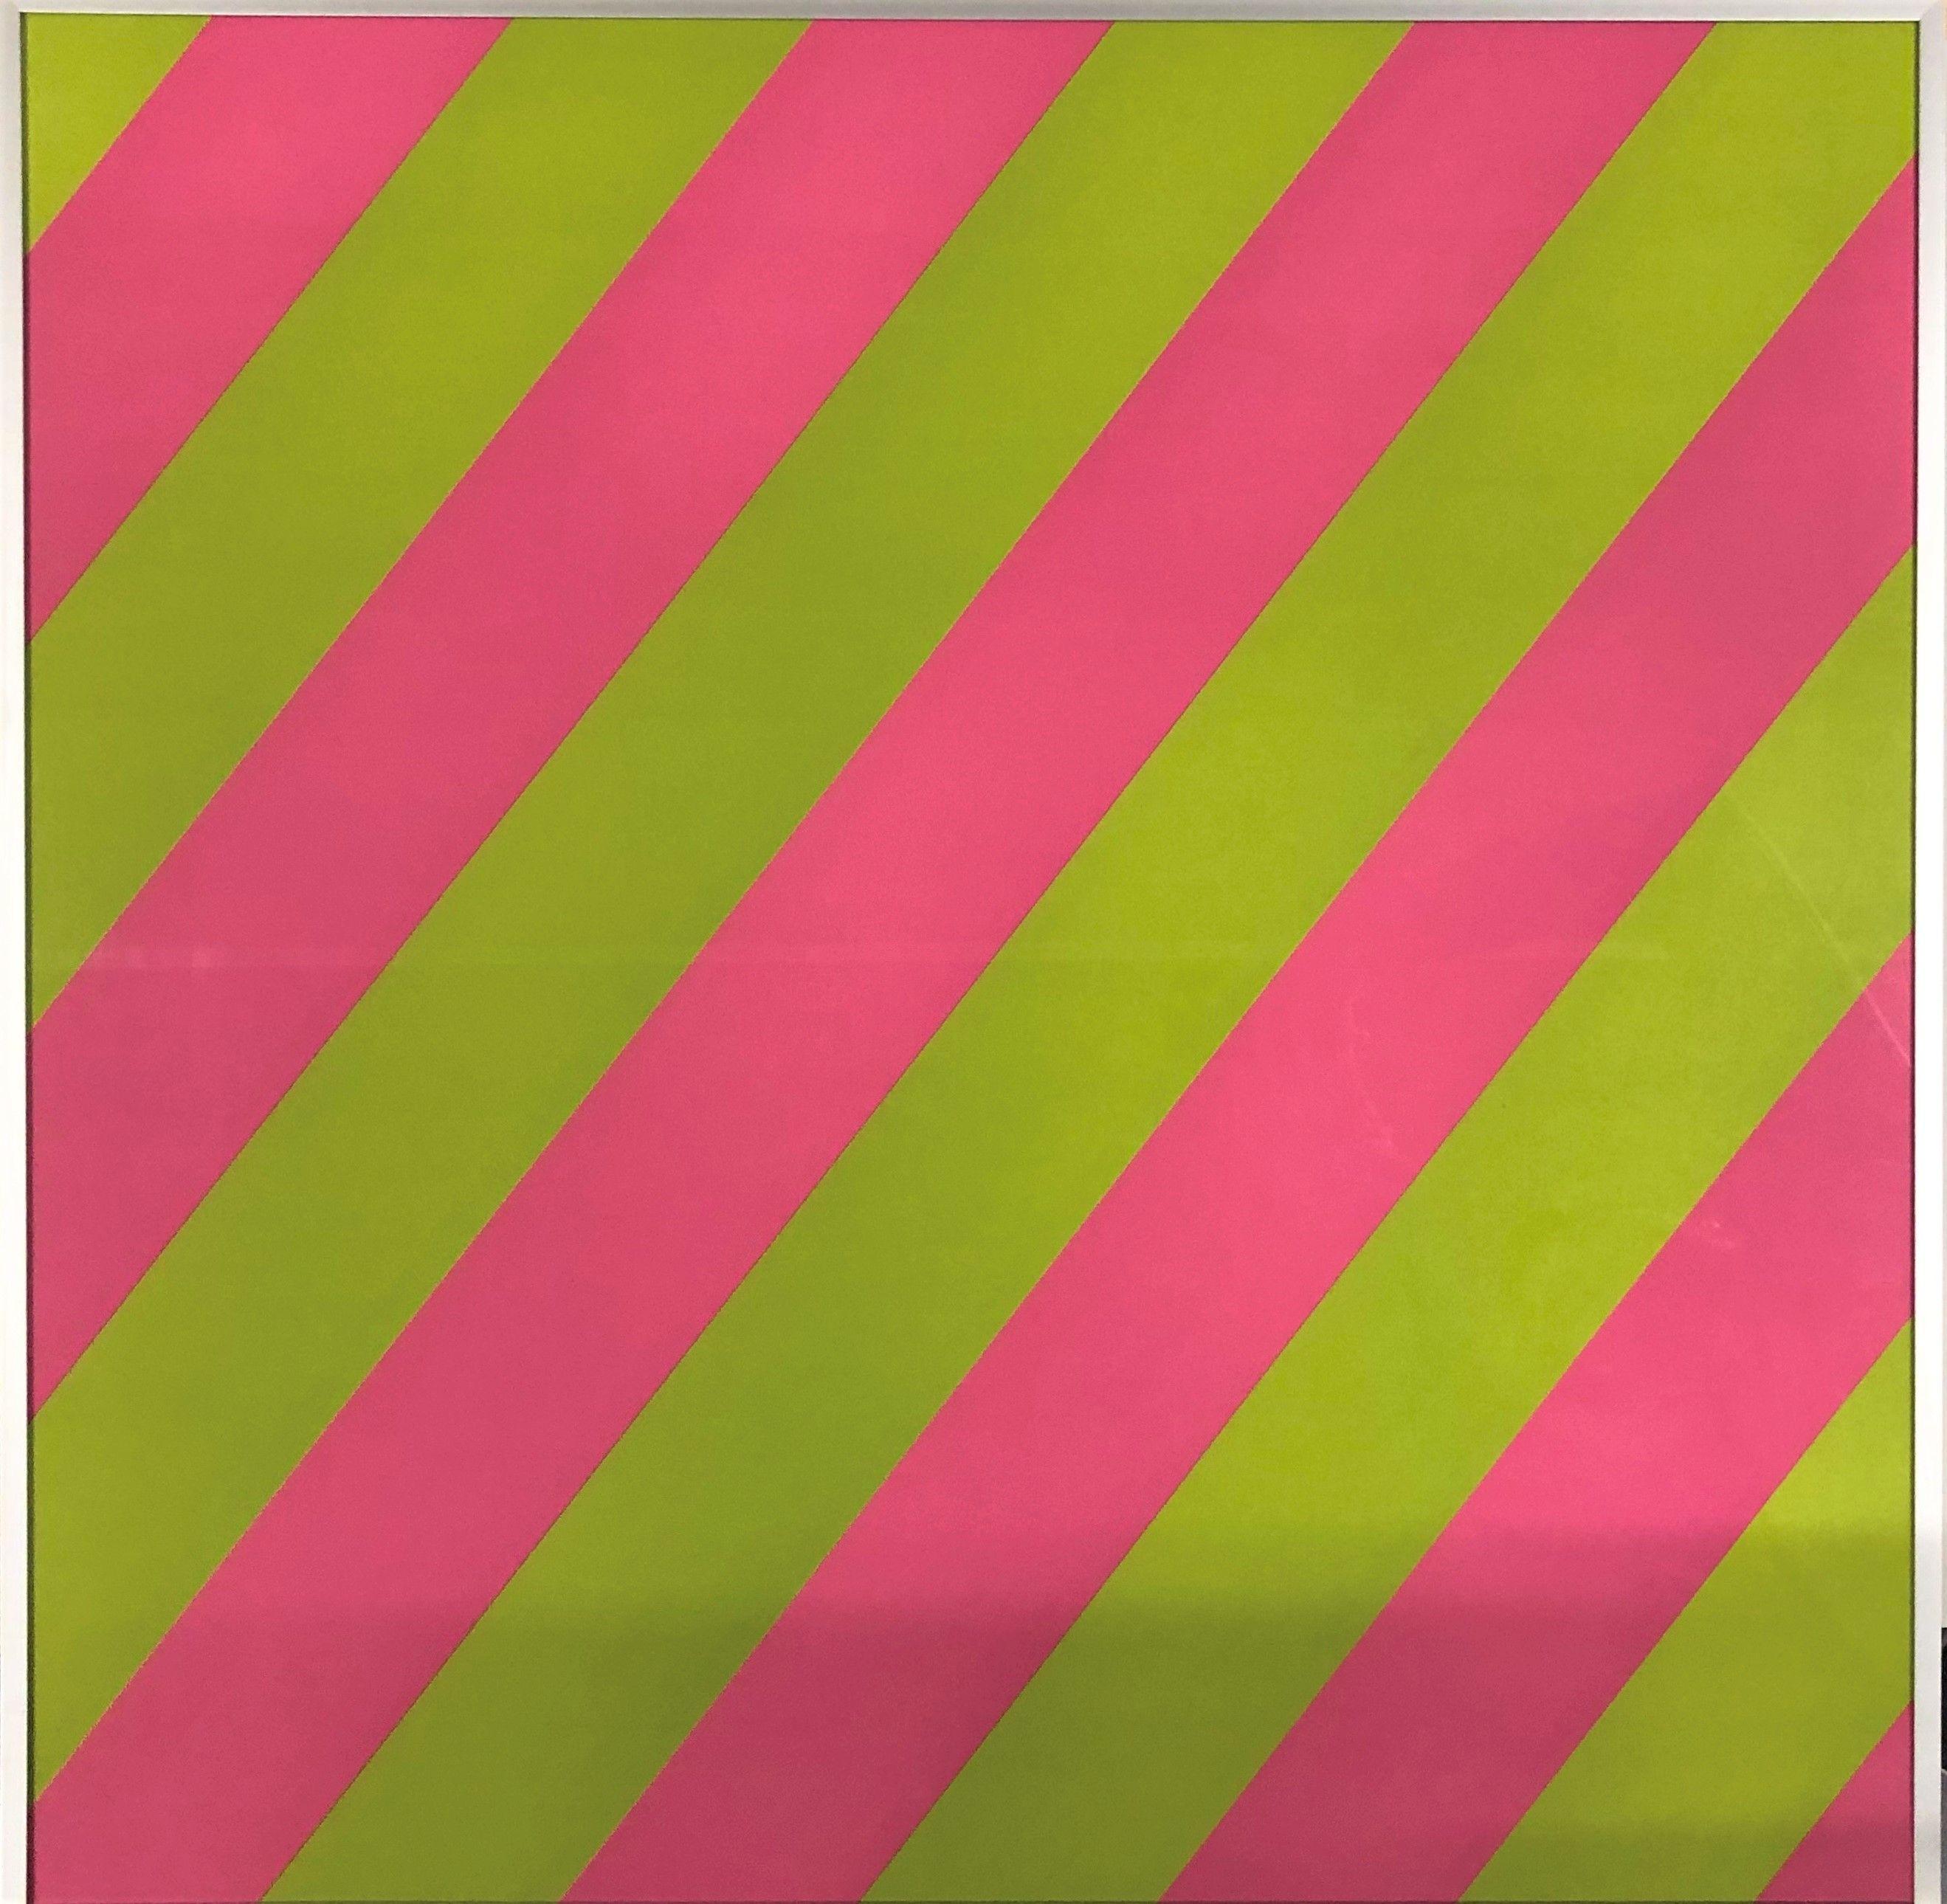 Olivier Mosset - Composition Pink / Green, 2003